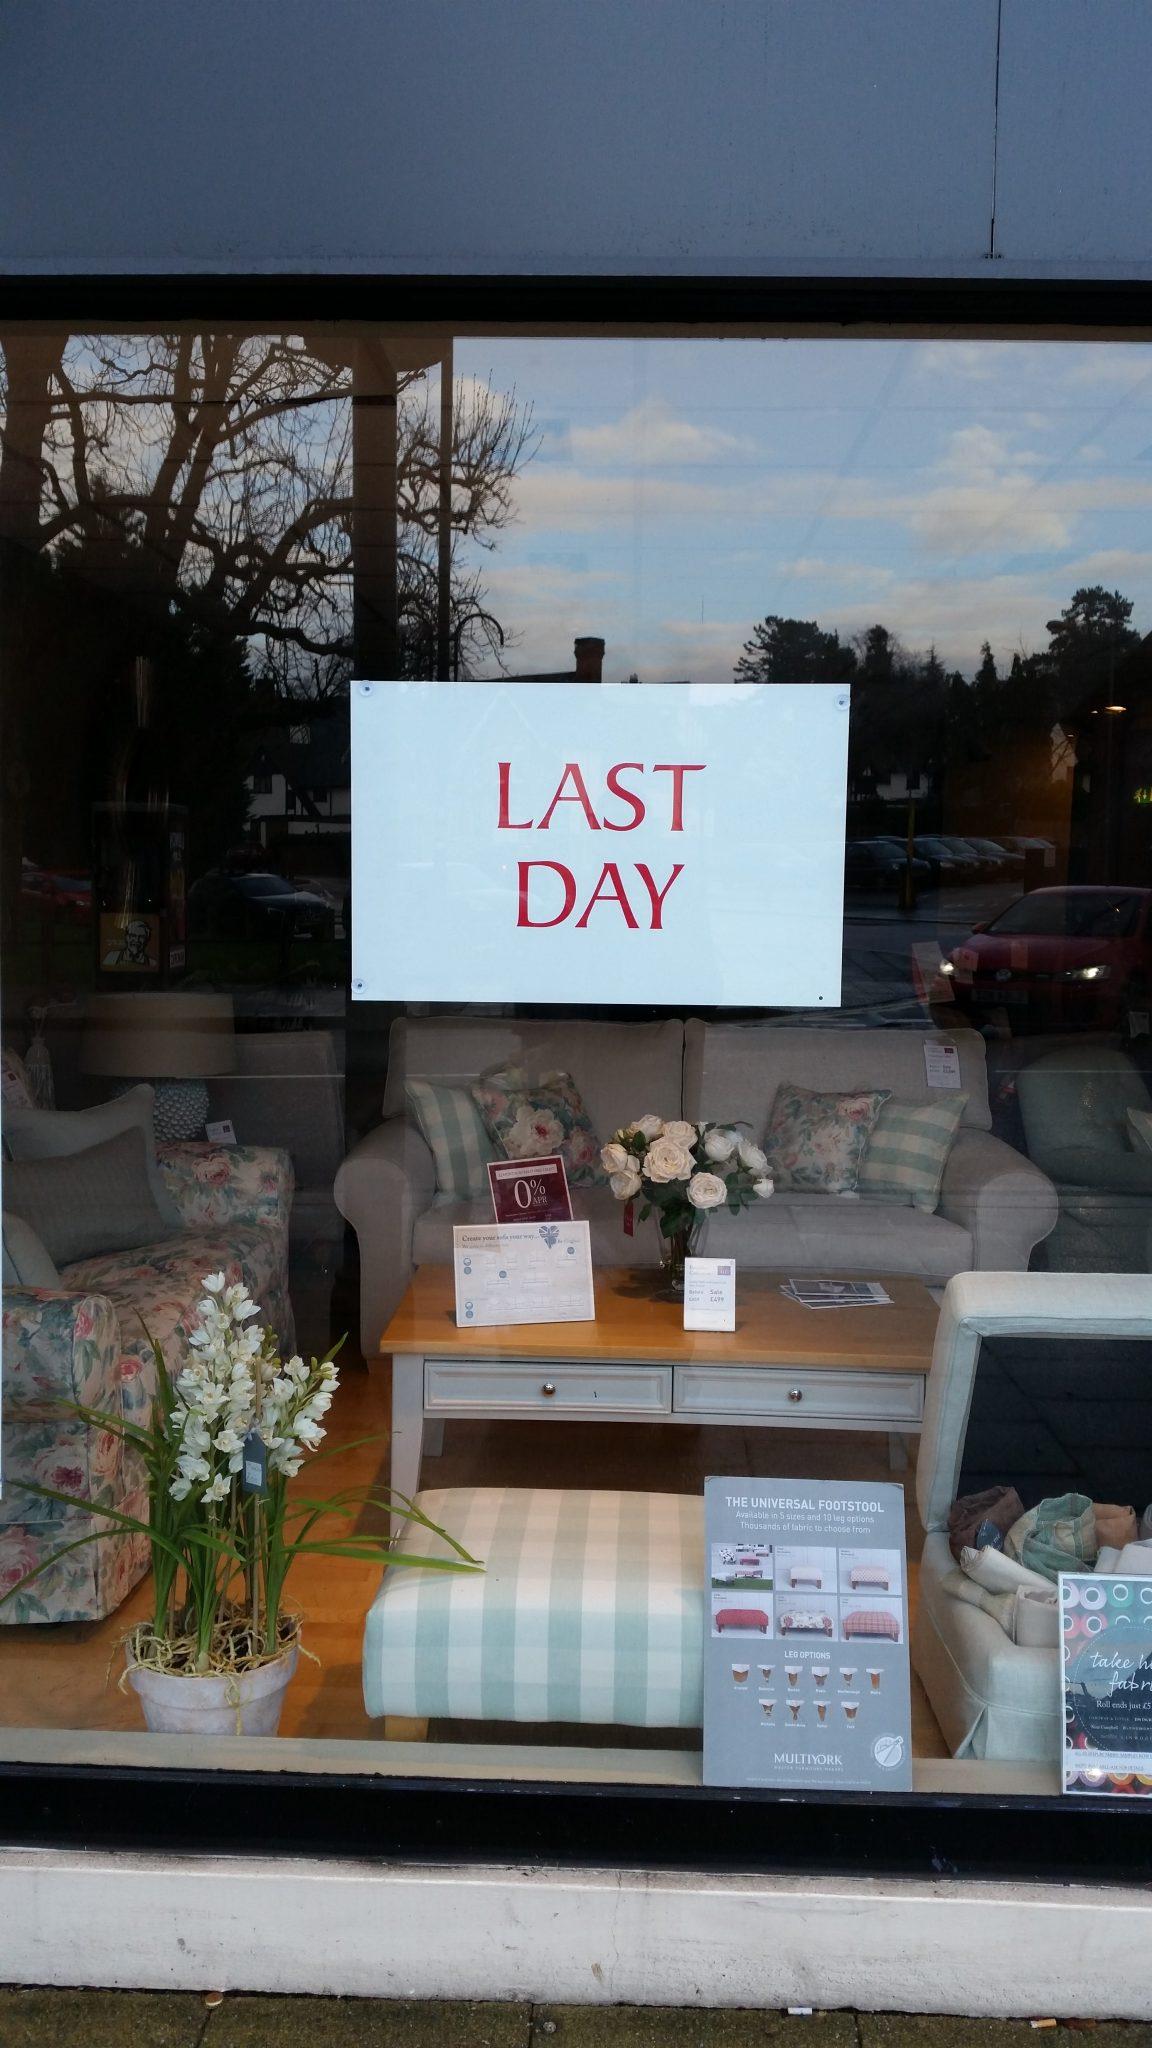 20160106 092515 e1452088302274 - Last Day!